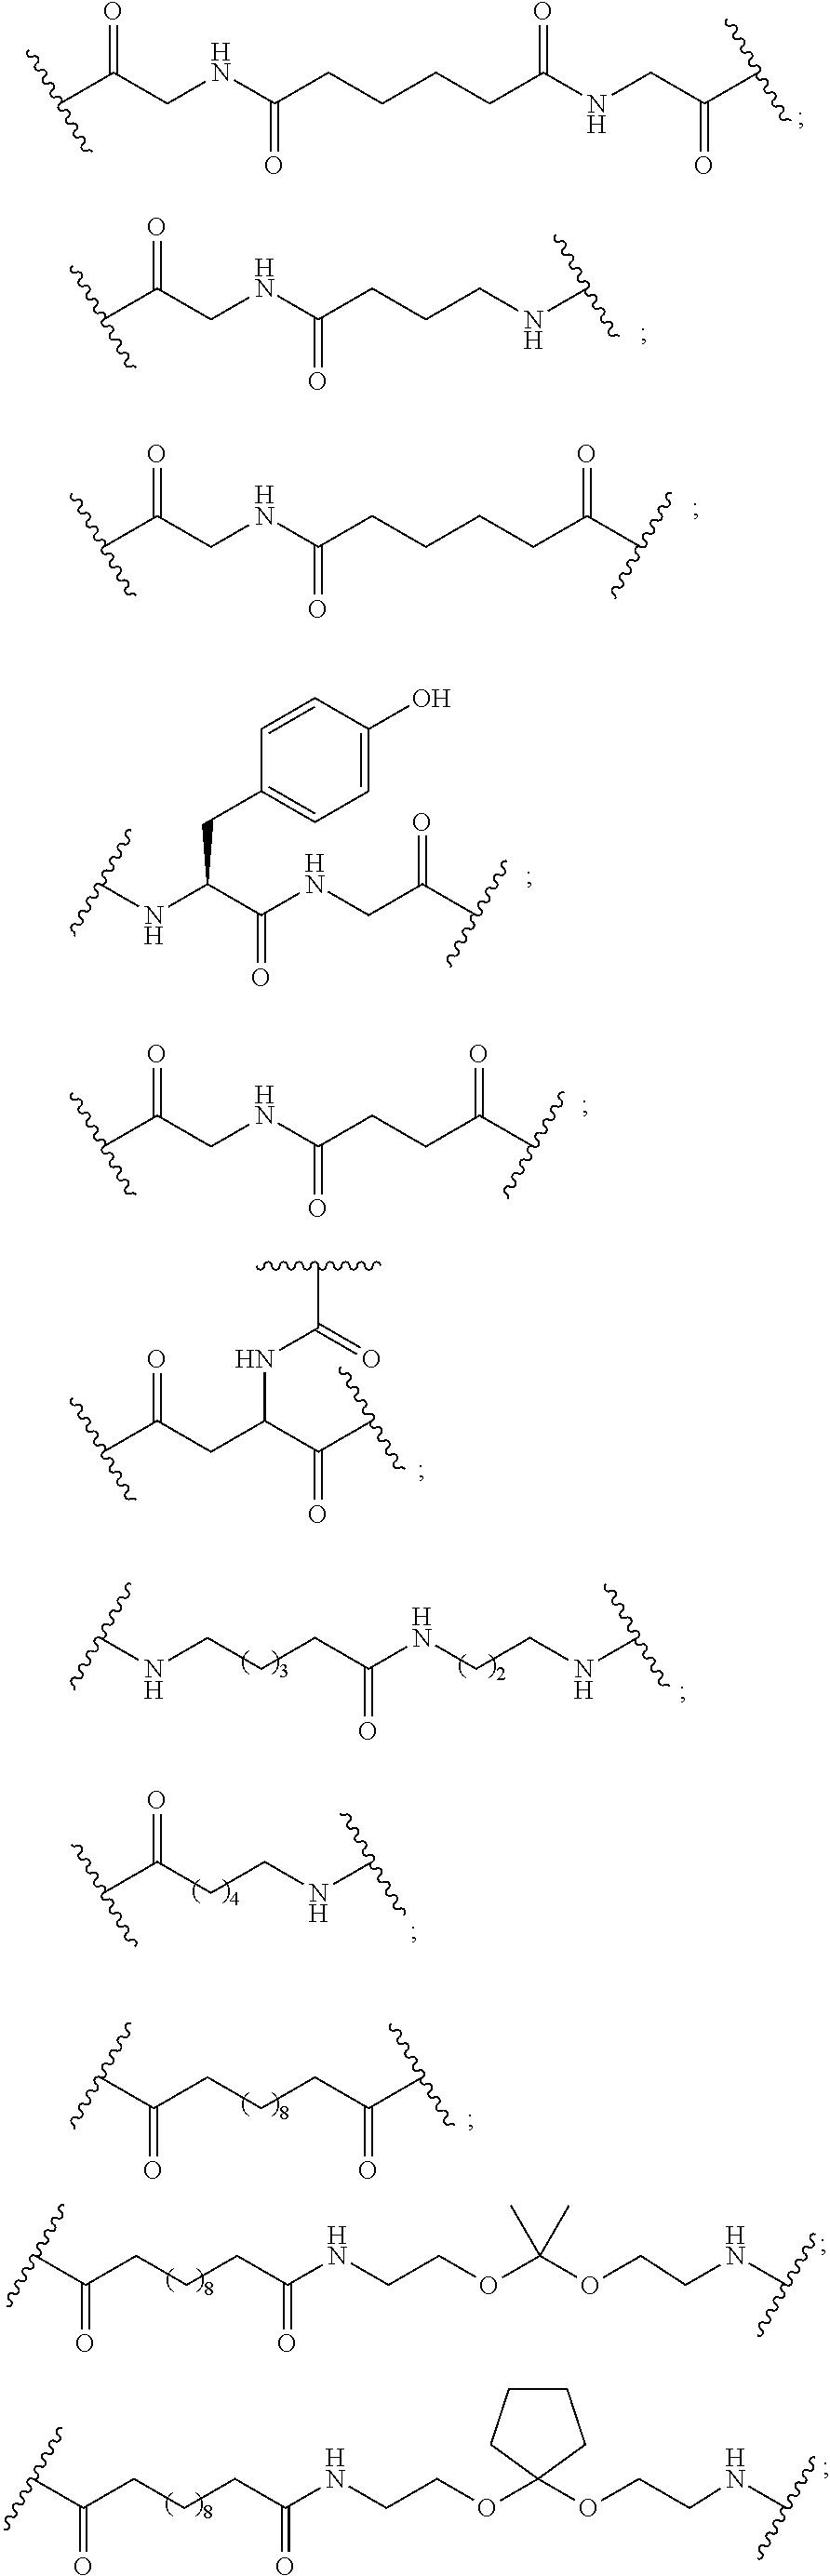 Figure US09932581-20180403-C00038